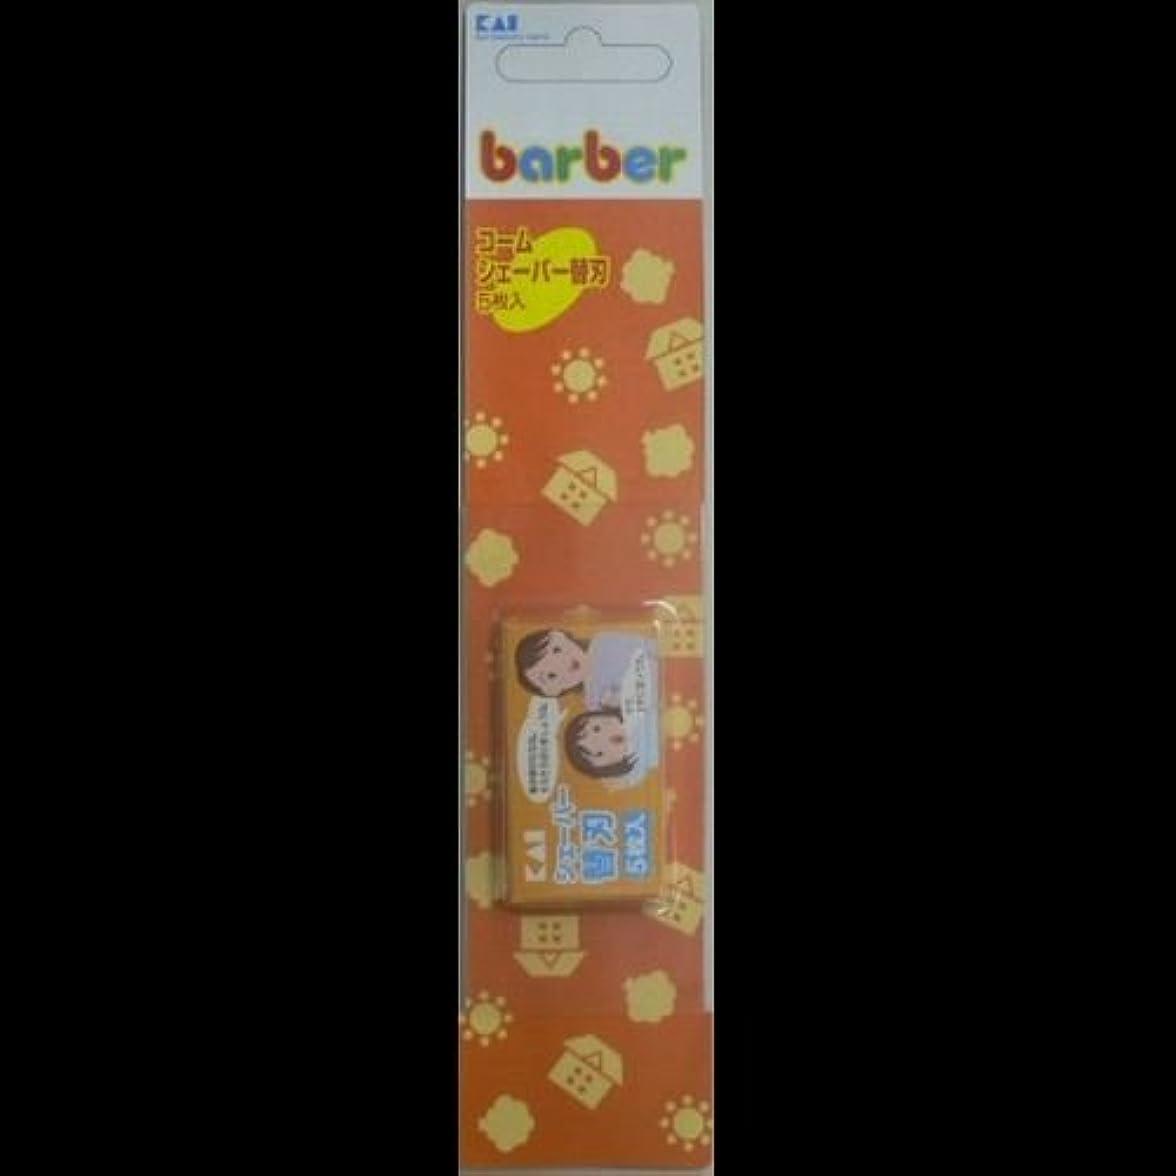 復活させるまもなくパイル【まとめ買い】貝印 バーバー シェーバー替刃 5枚入 ×2セット